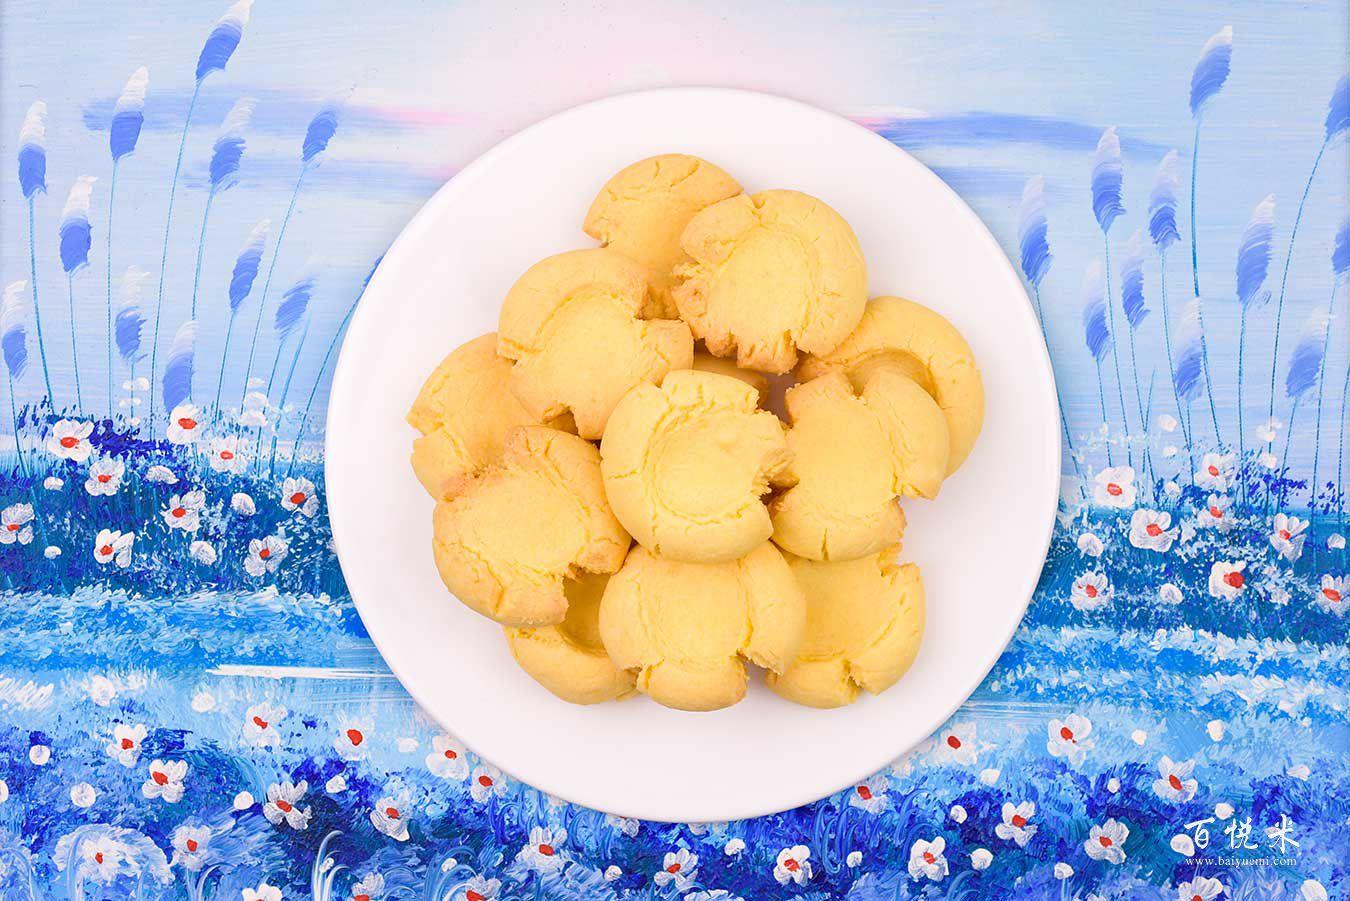 玛格丽特饼干高清图片大全【蛋糕图片】_404